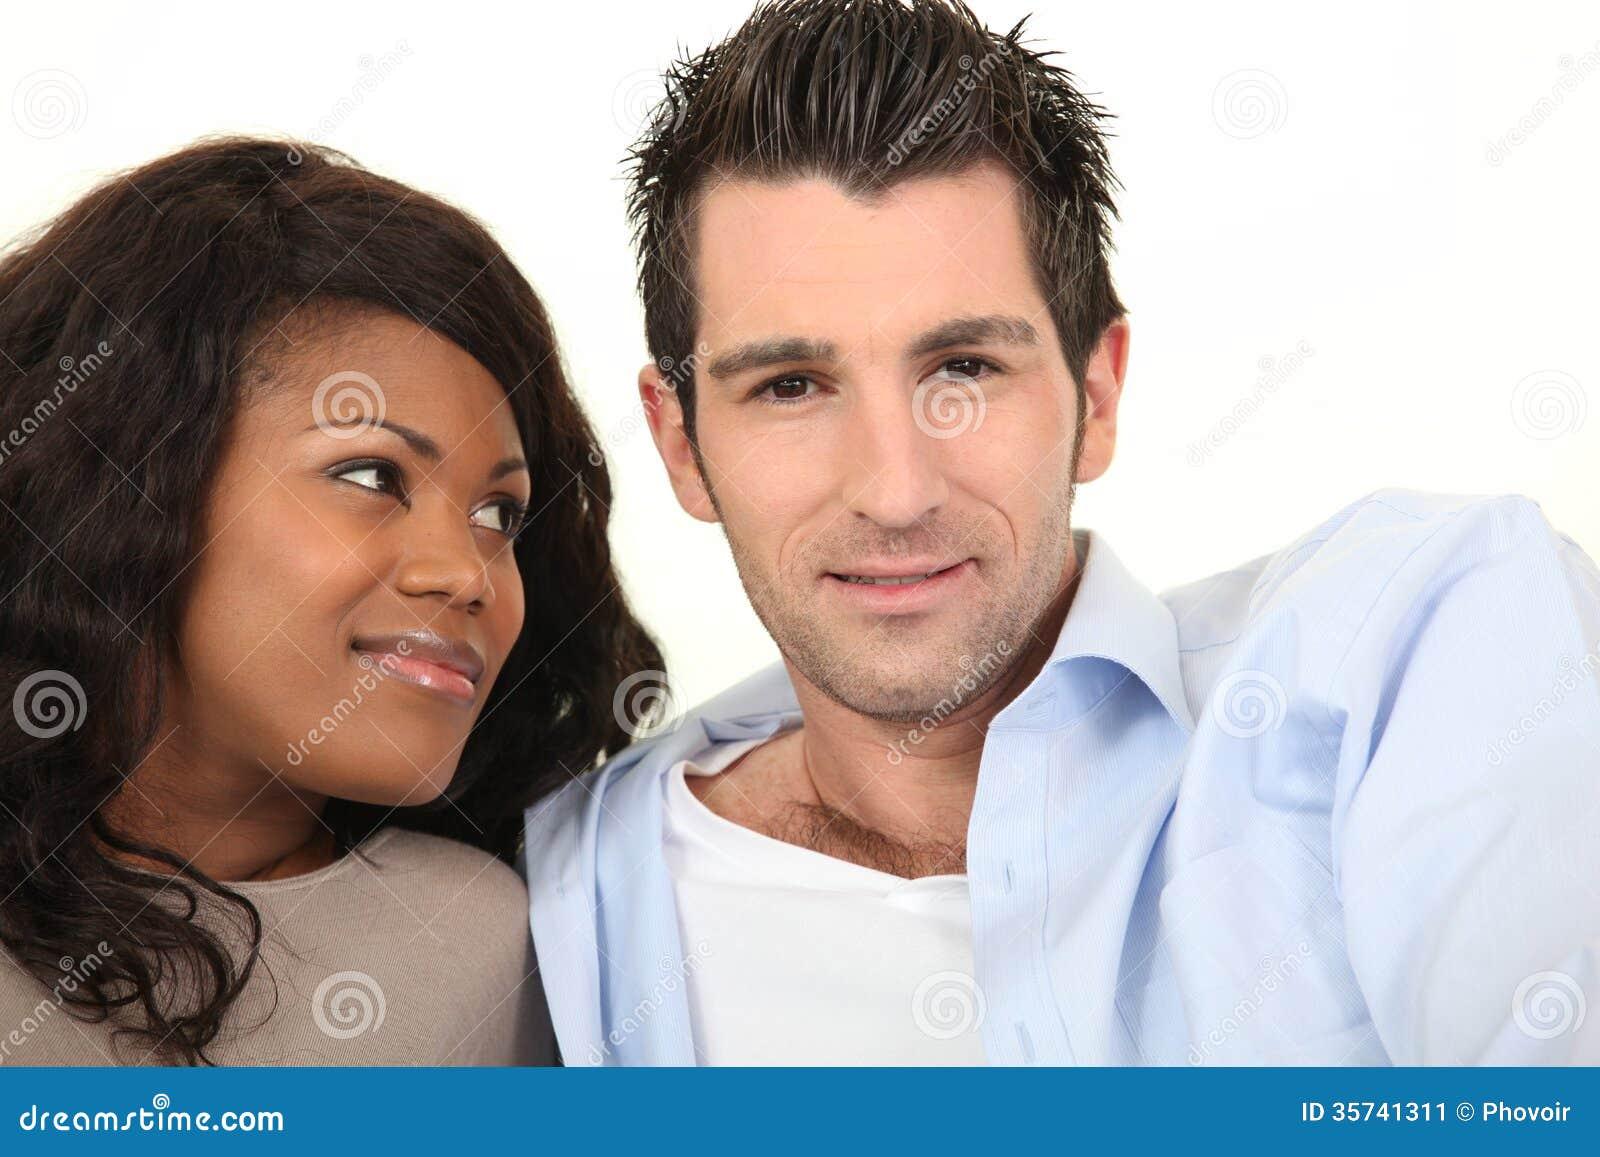 rencontrer un homme dans un club à vitry- sur- seine reunionnaise cherche homme